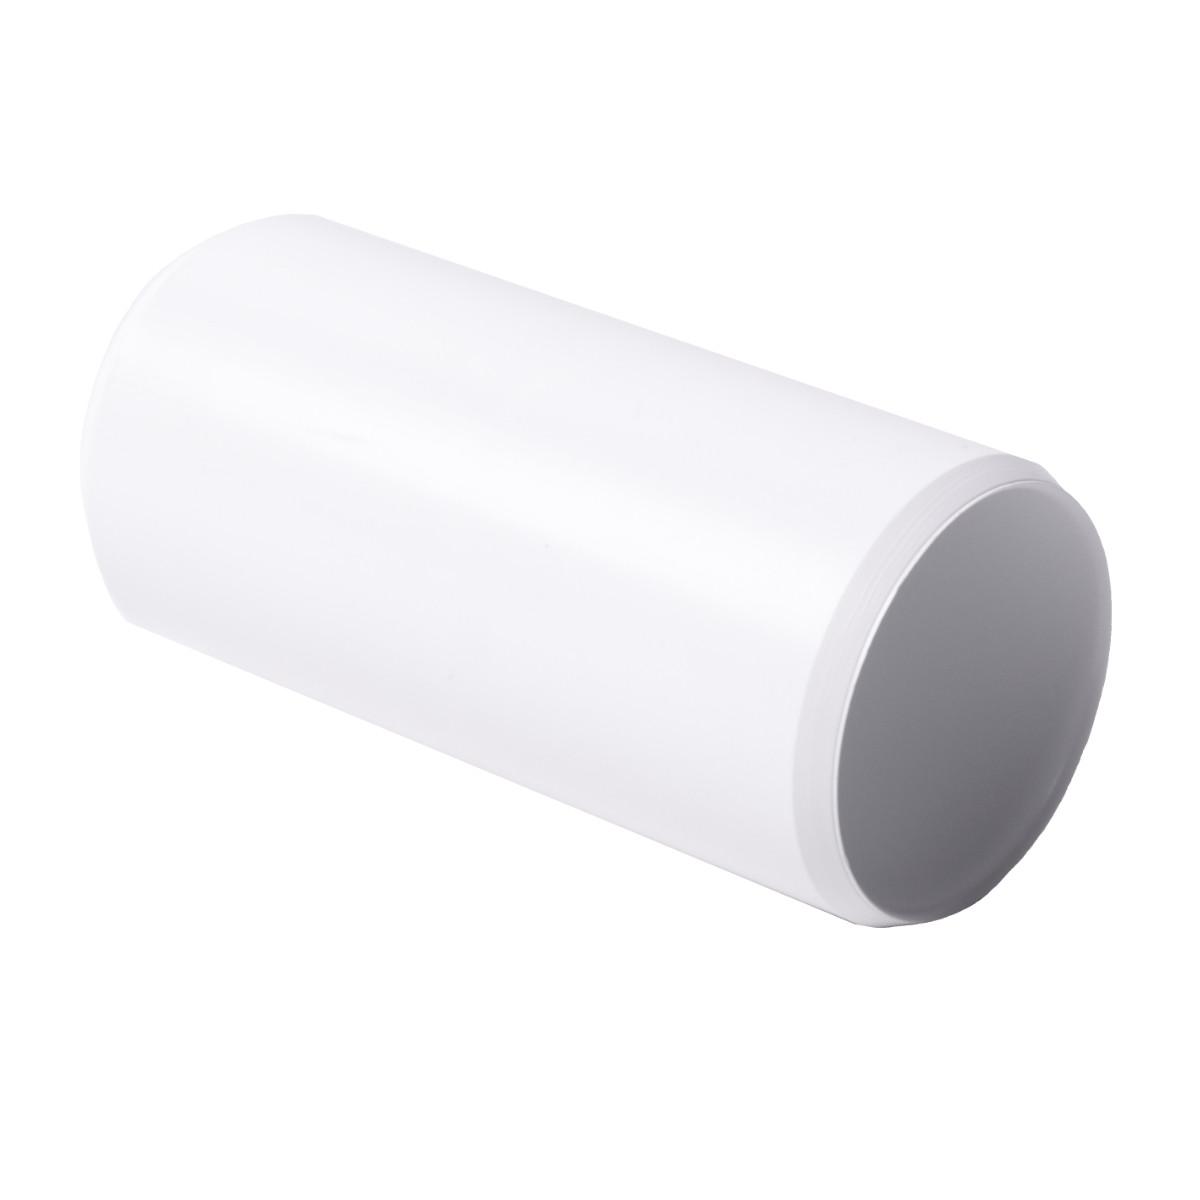 Муфта з'єднувальна для труби 32 мм; Ø32мм; ПВХ;; t застосування -25+60 °с; біла; Упаковка 10 шт